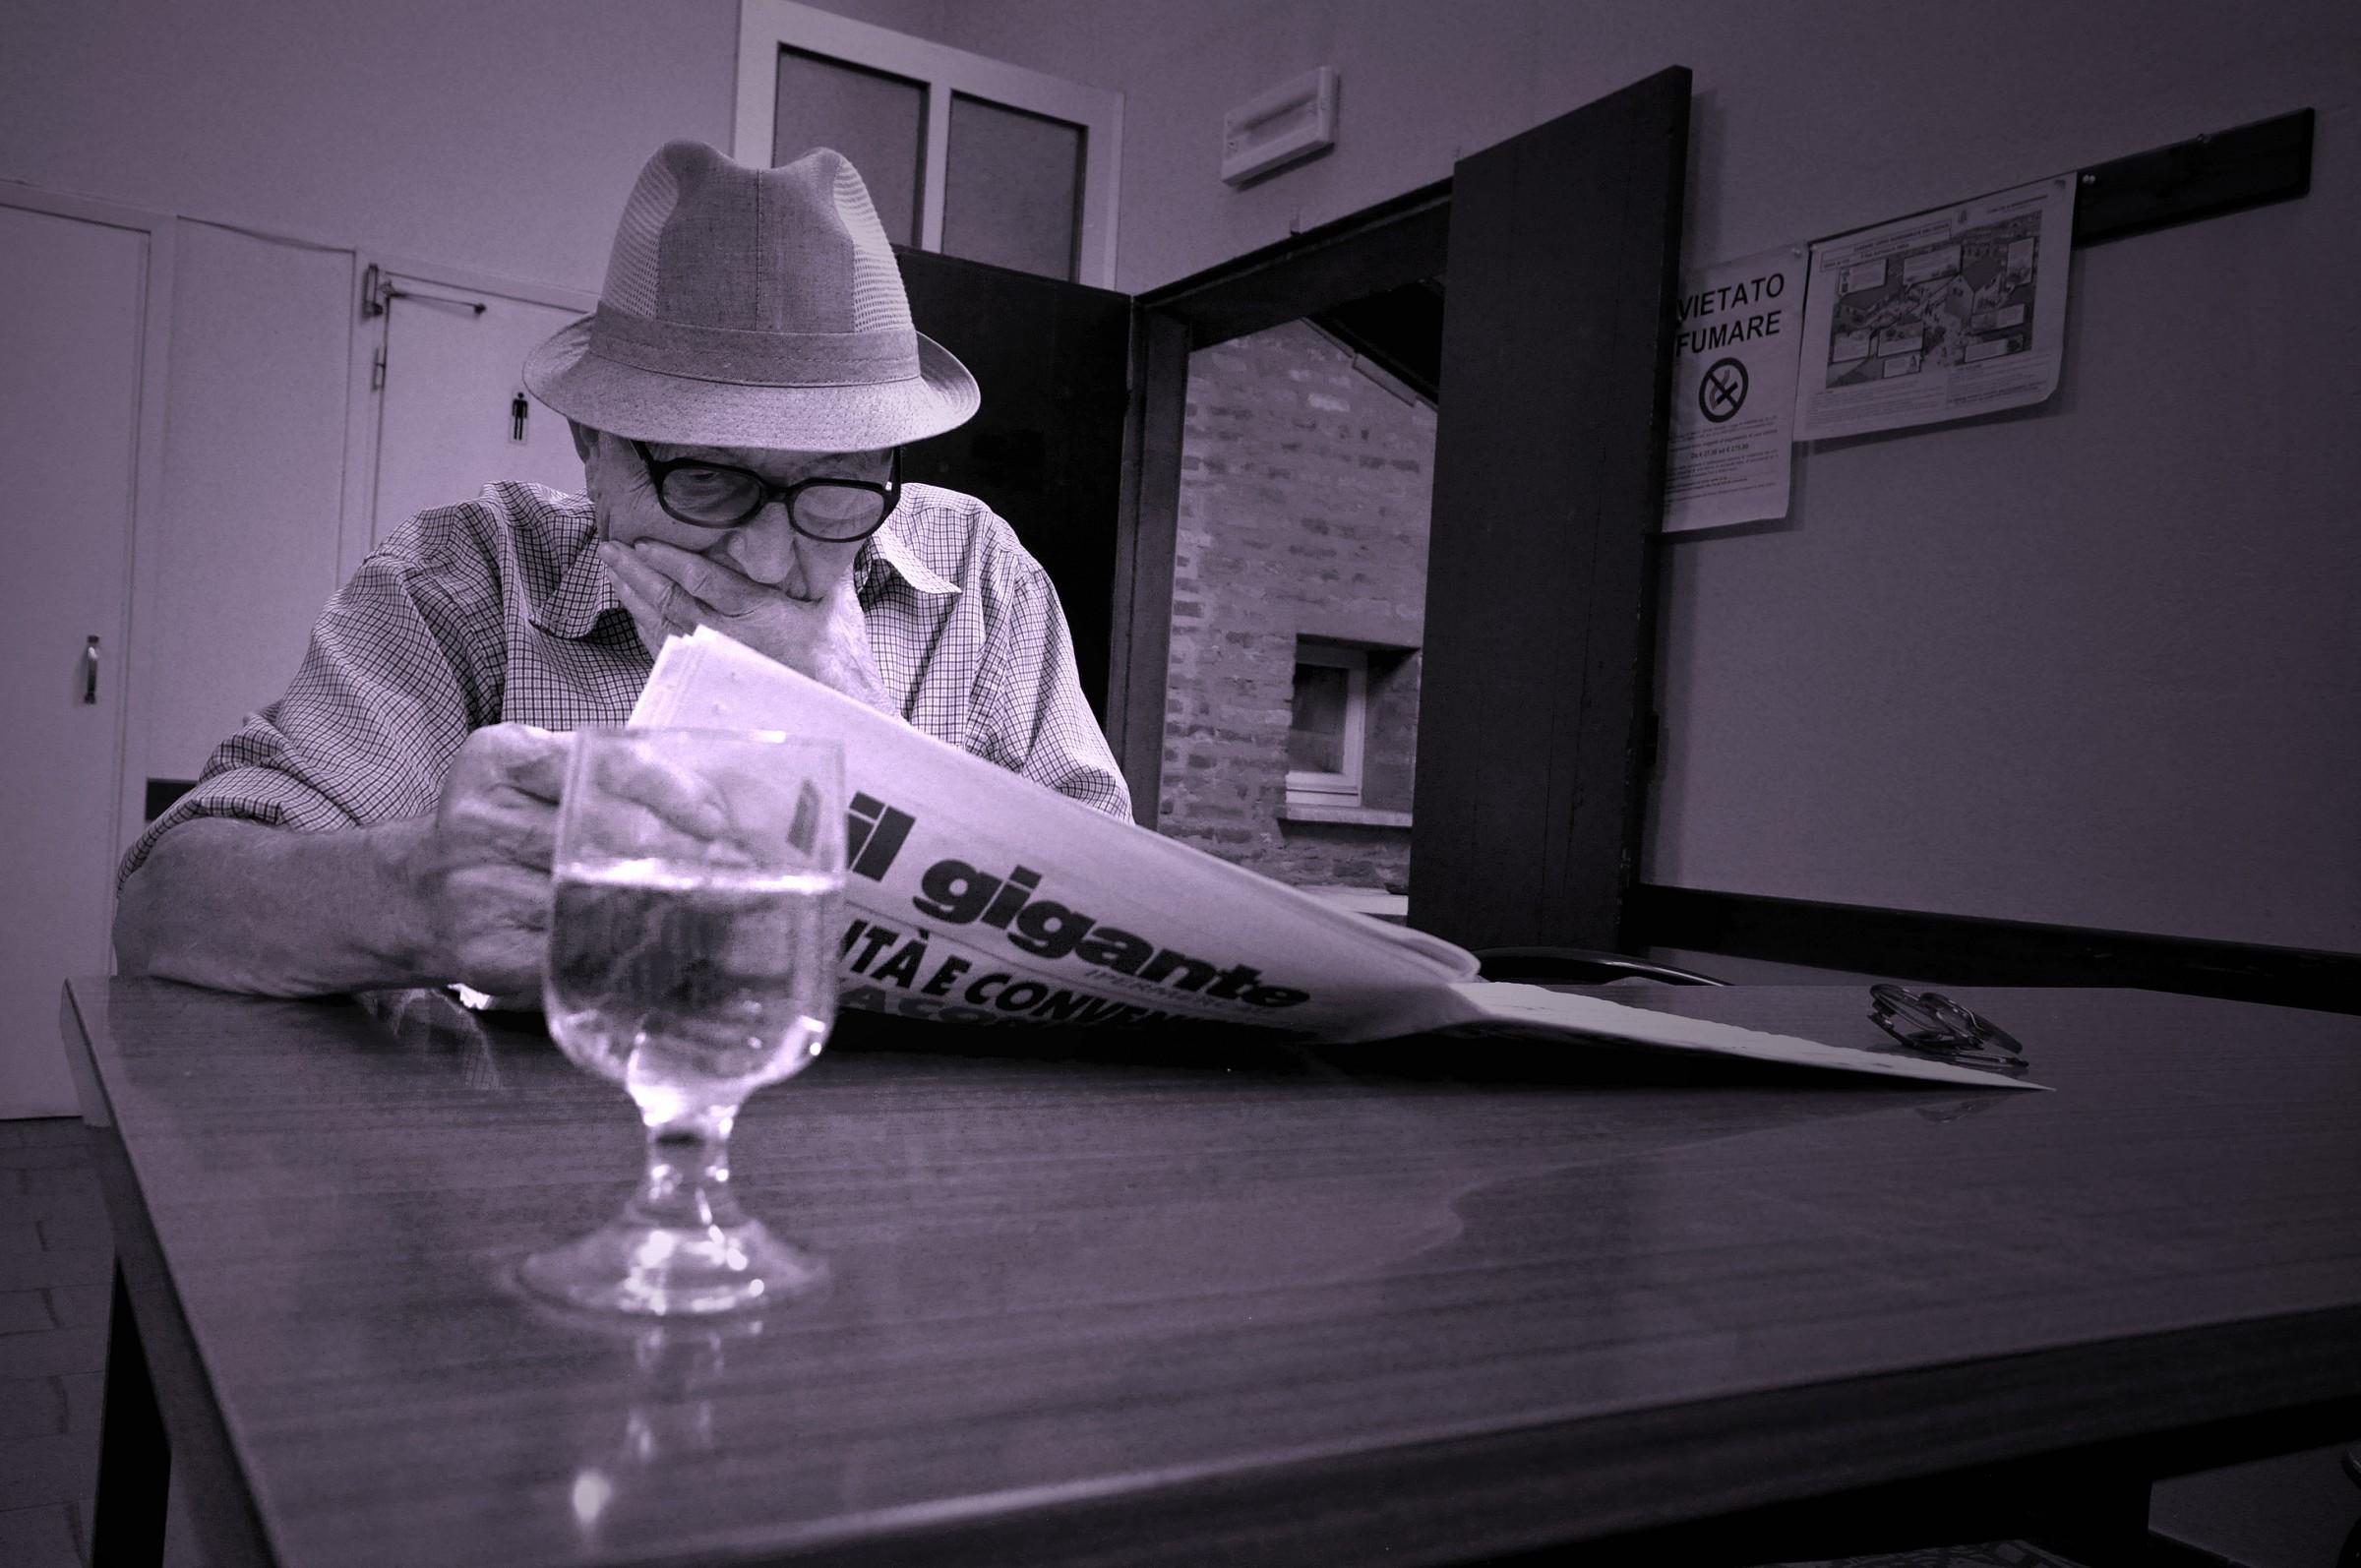 Newspaper and bianchino / Newspaper & wine...